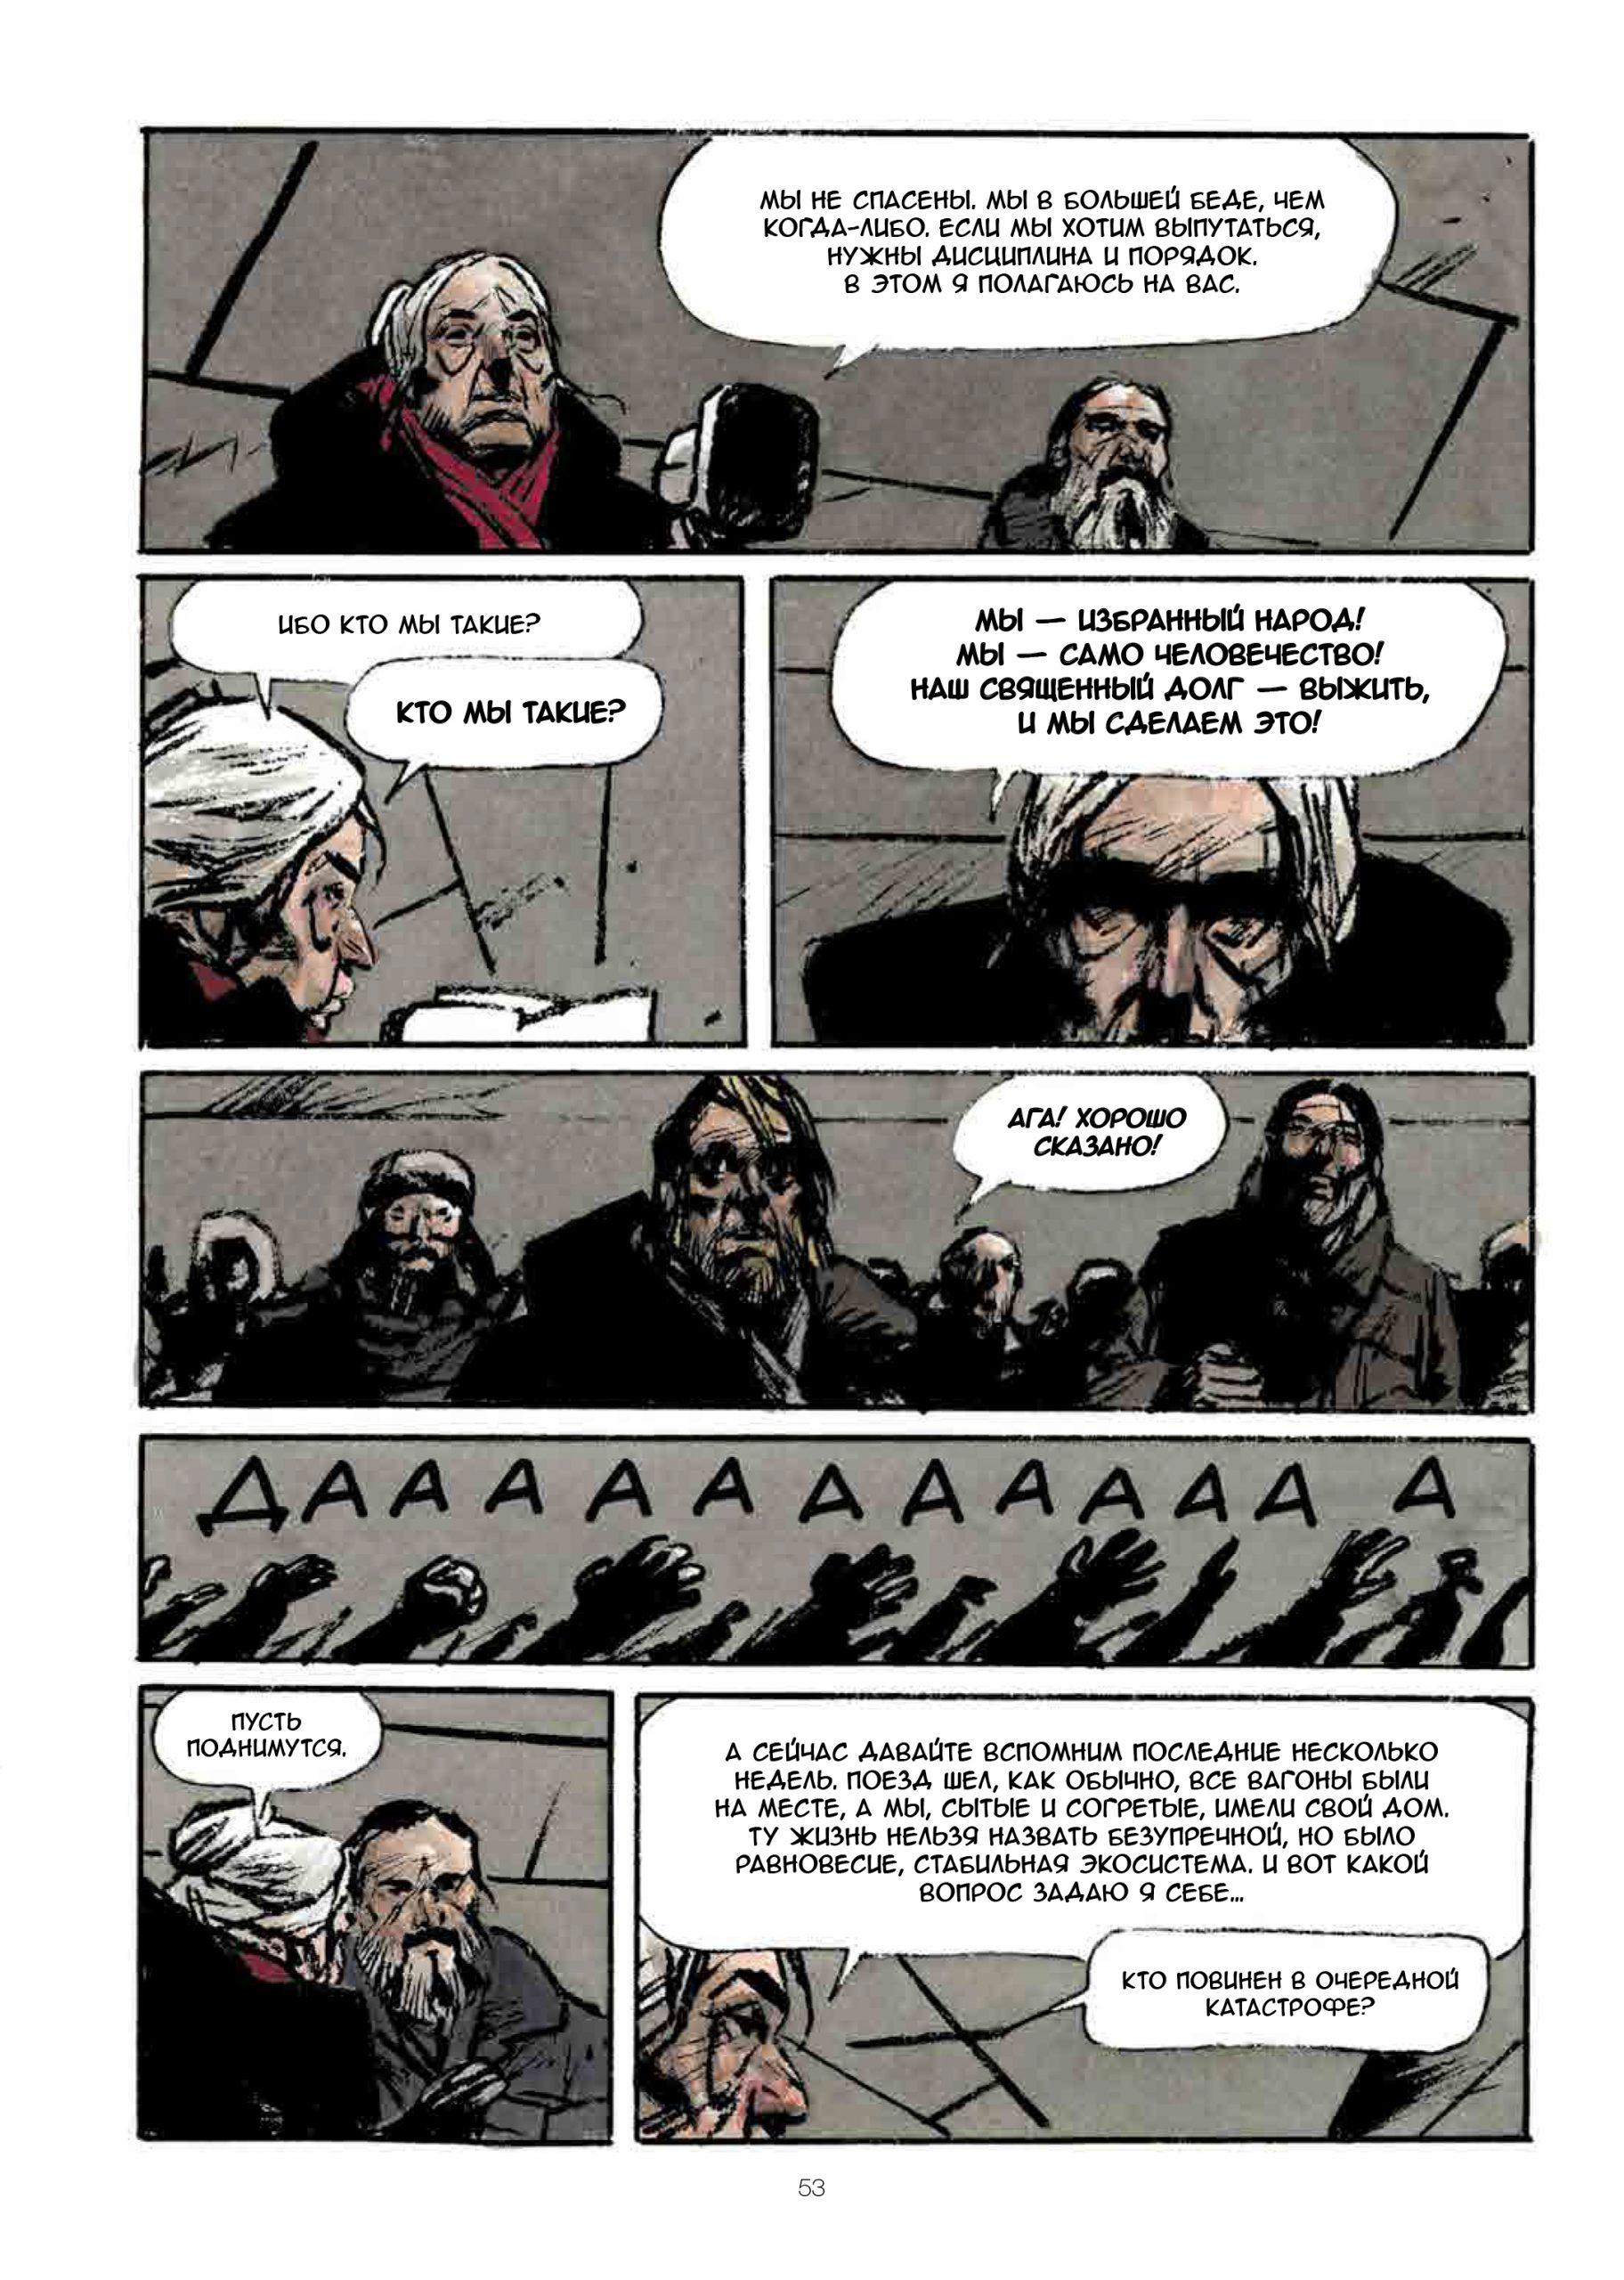 Читаем комикс «Сквозь снег: Конечная станция» 10